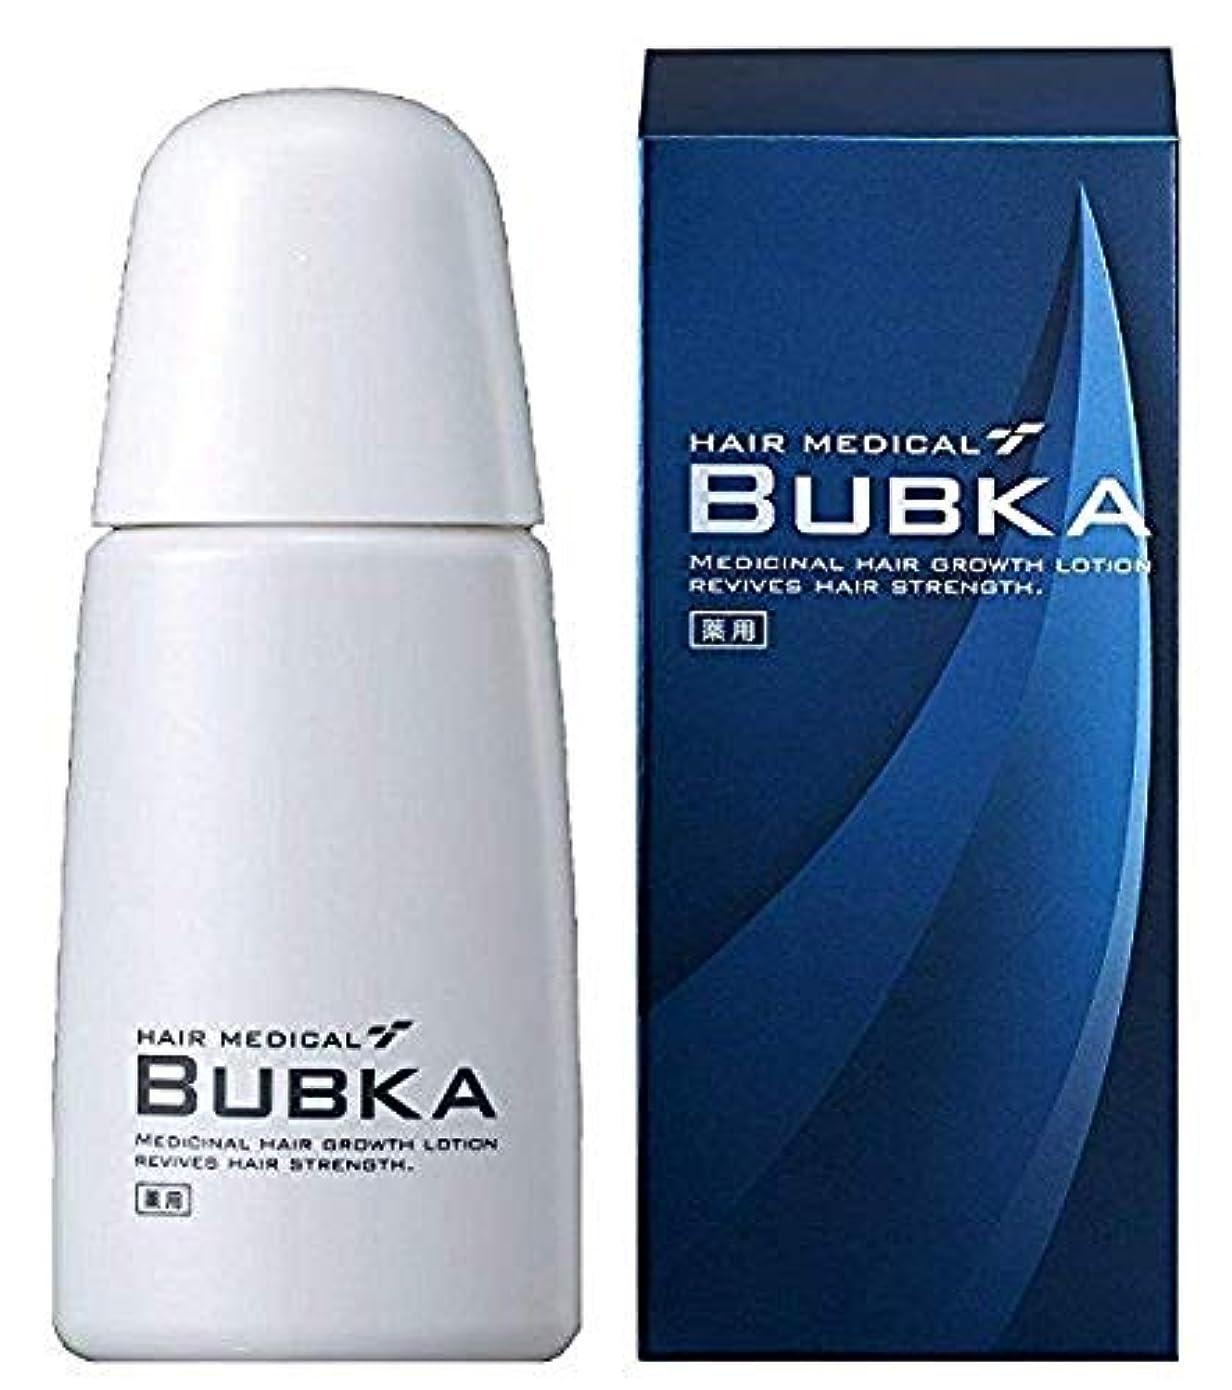 イタリック同等のレンダリング【BUBKA ブブカ 】新型 濃密育毛剤 ブブカ-003M (内容量:120ml 約1ヶ月分)(医薬部外品)